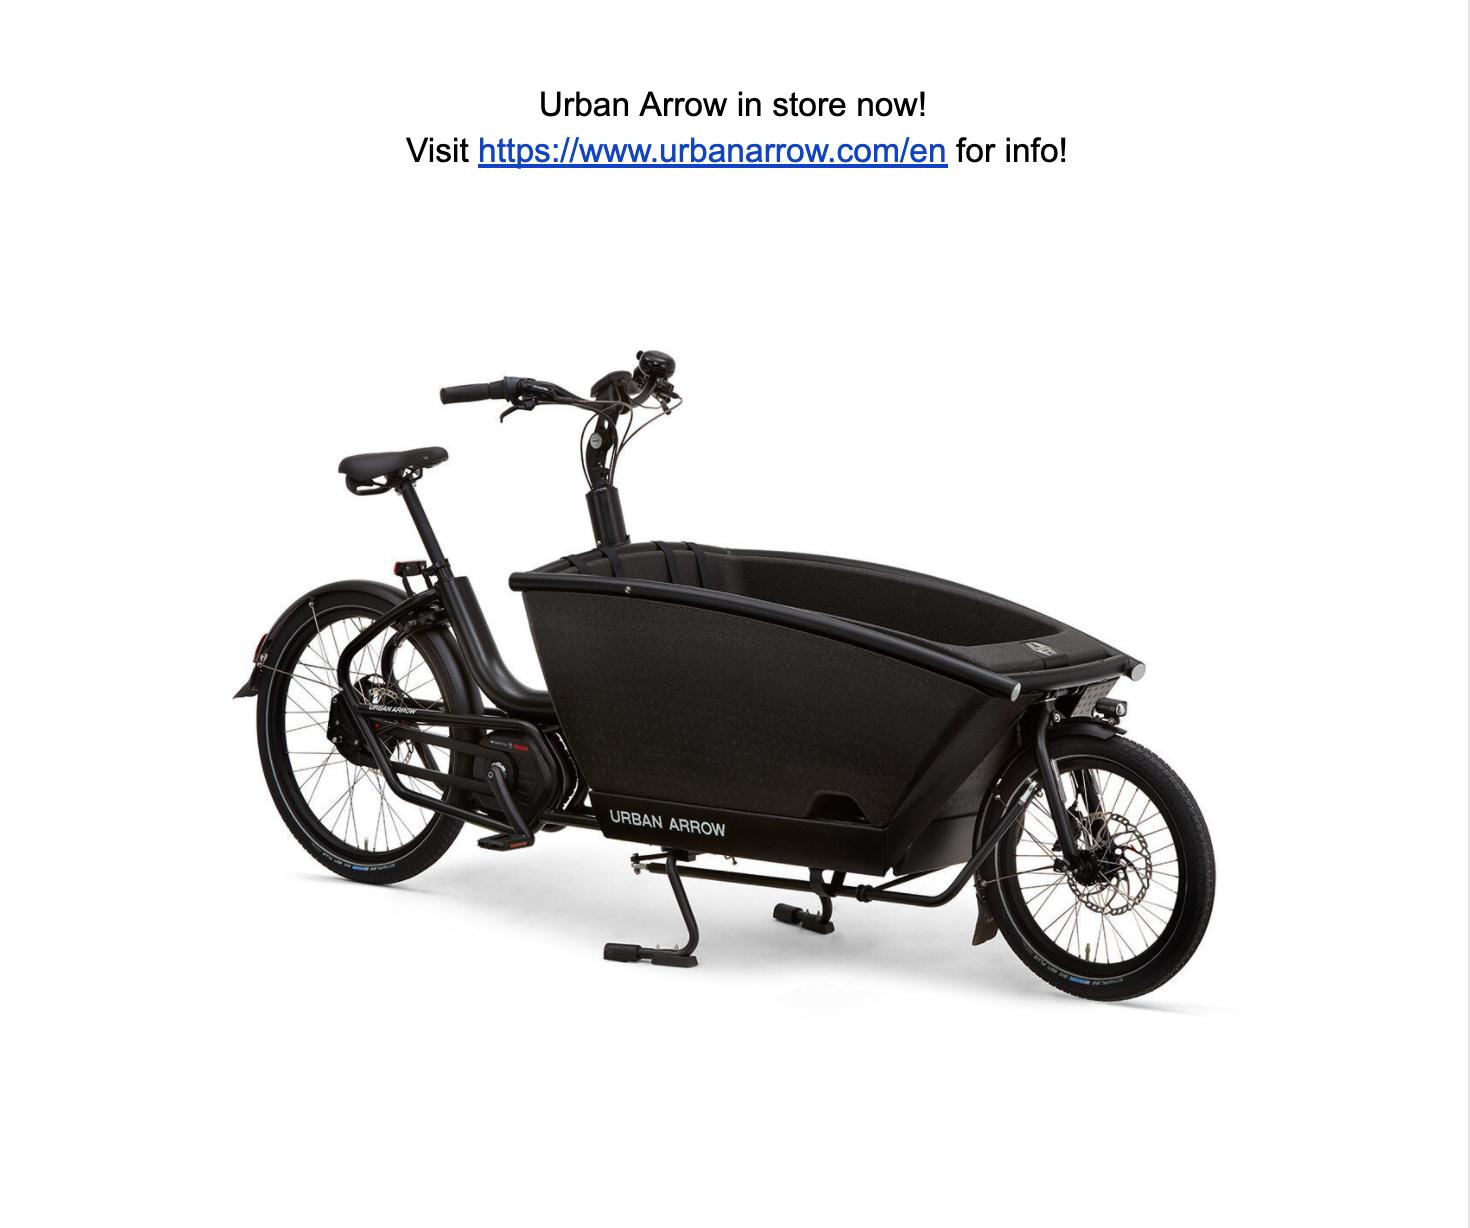 Urban Arrow in store now! Visit https://www.urbanarrow.com/en for info!